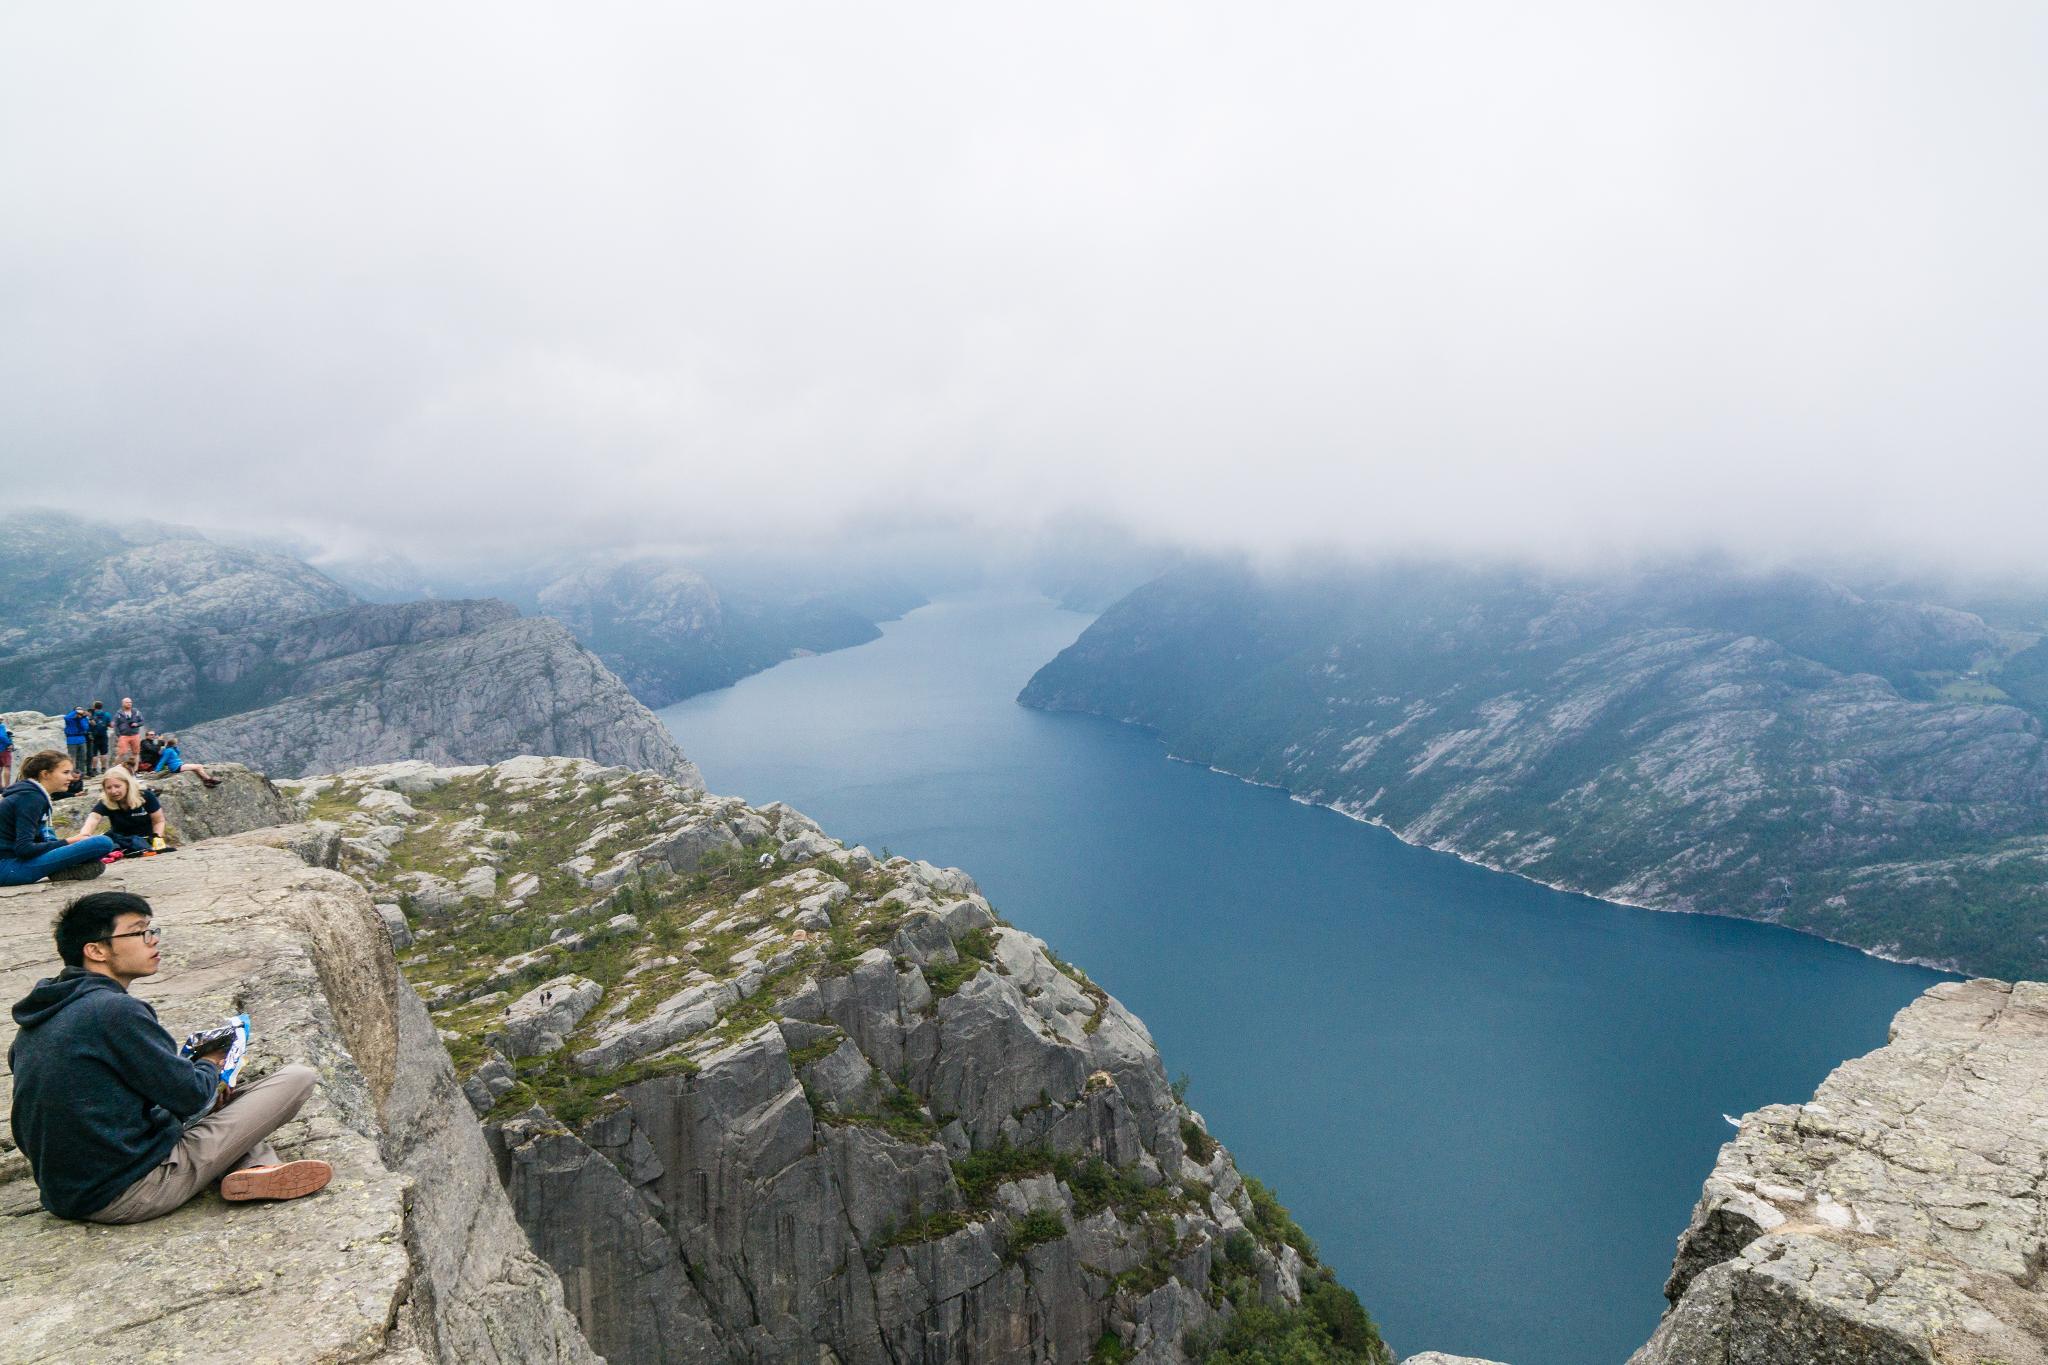 【北歐景點】朝聖挪威三大奇岩:聖壇岩Preikestolen健行紀錄 27